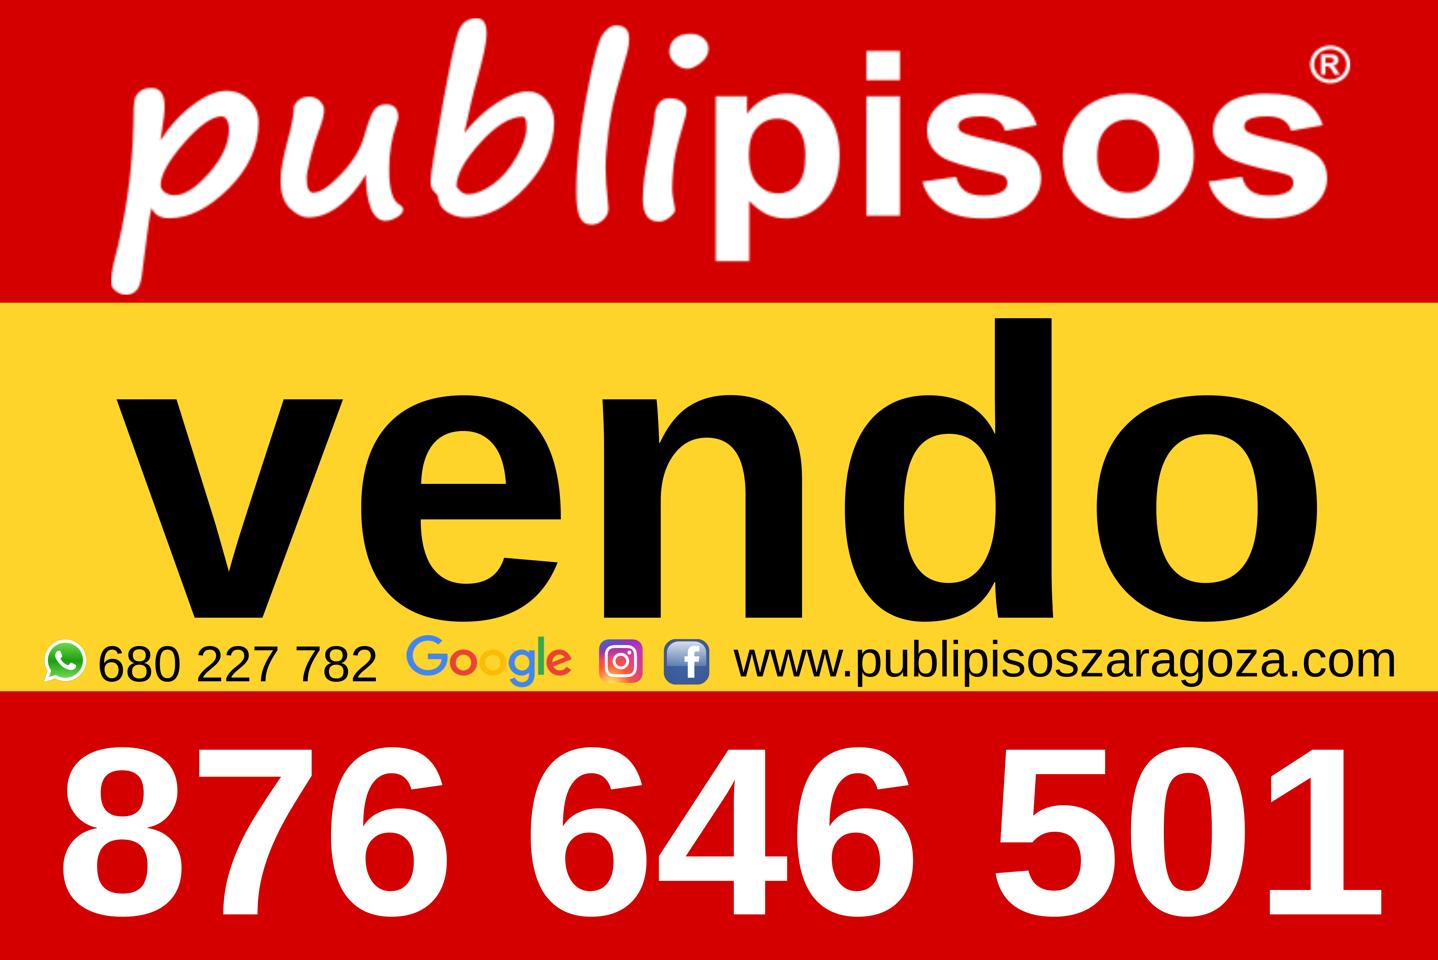 Pisos de obra nueva centro de Zaragoza-24